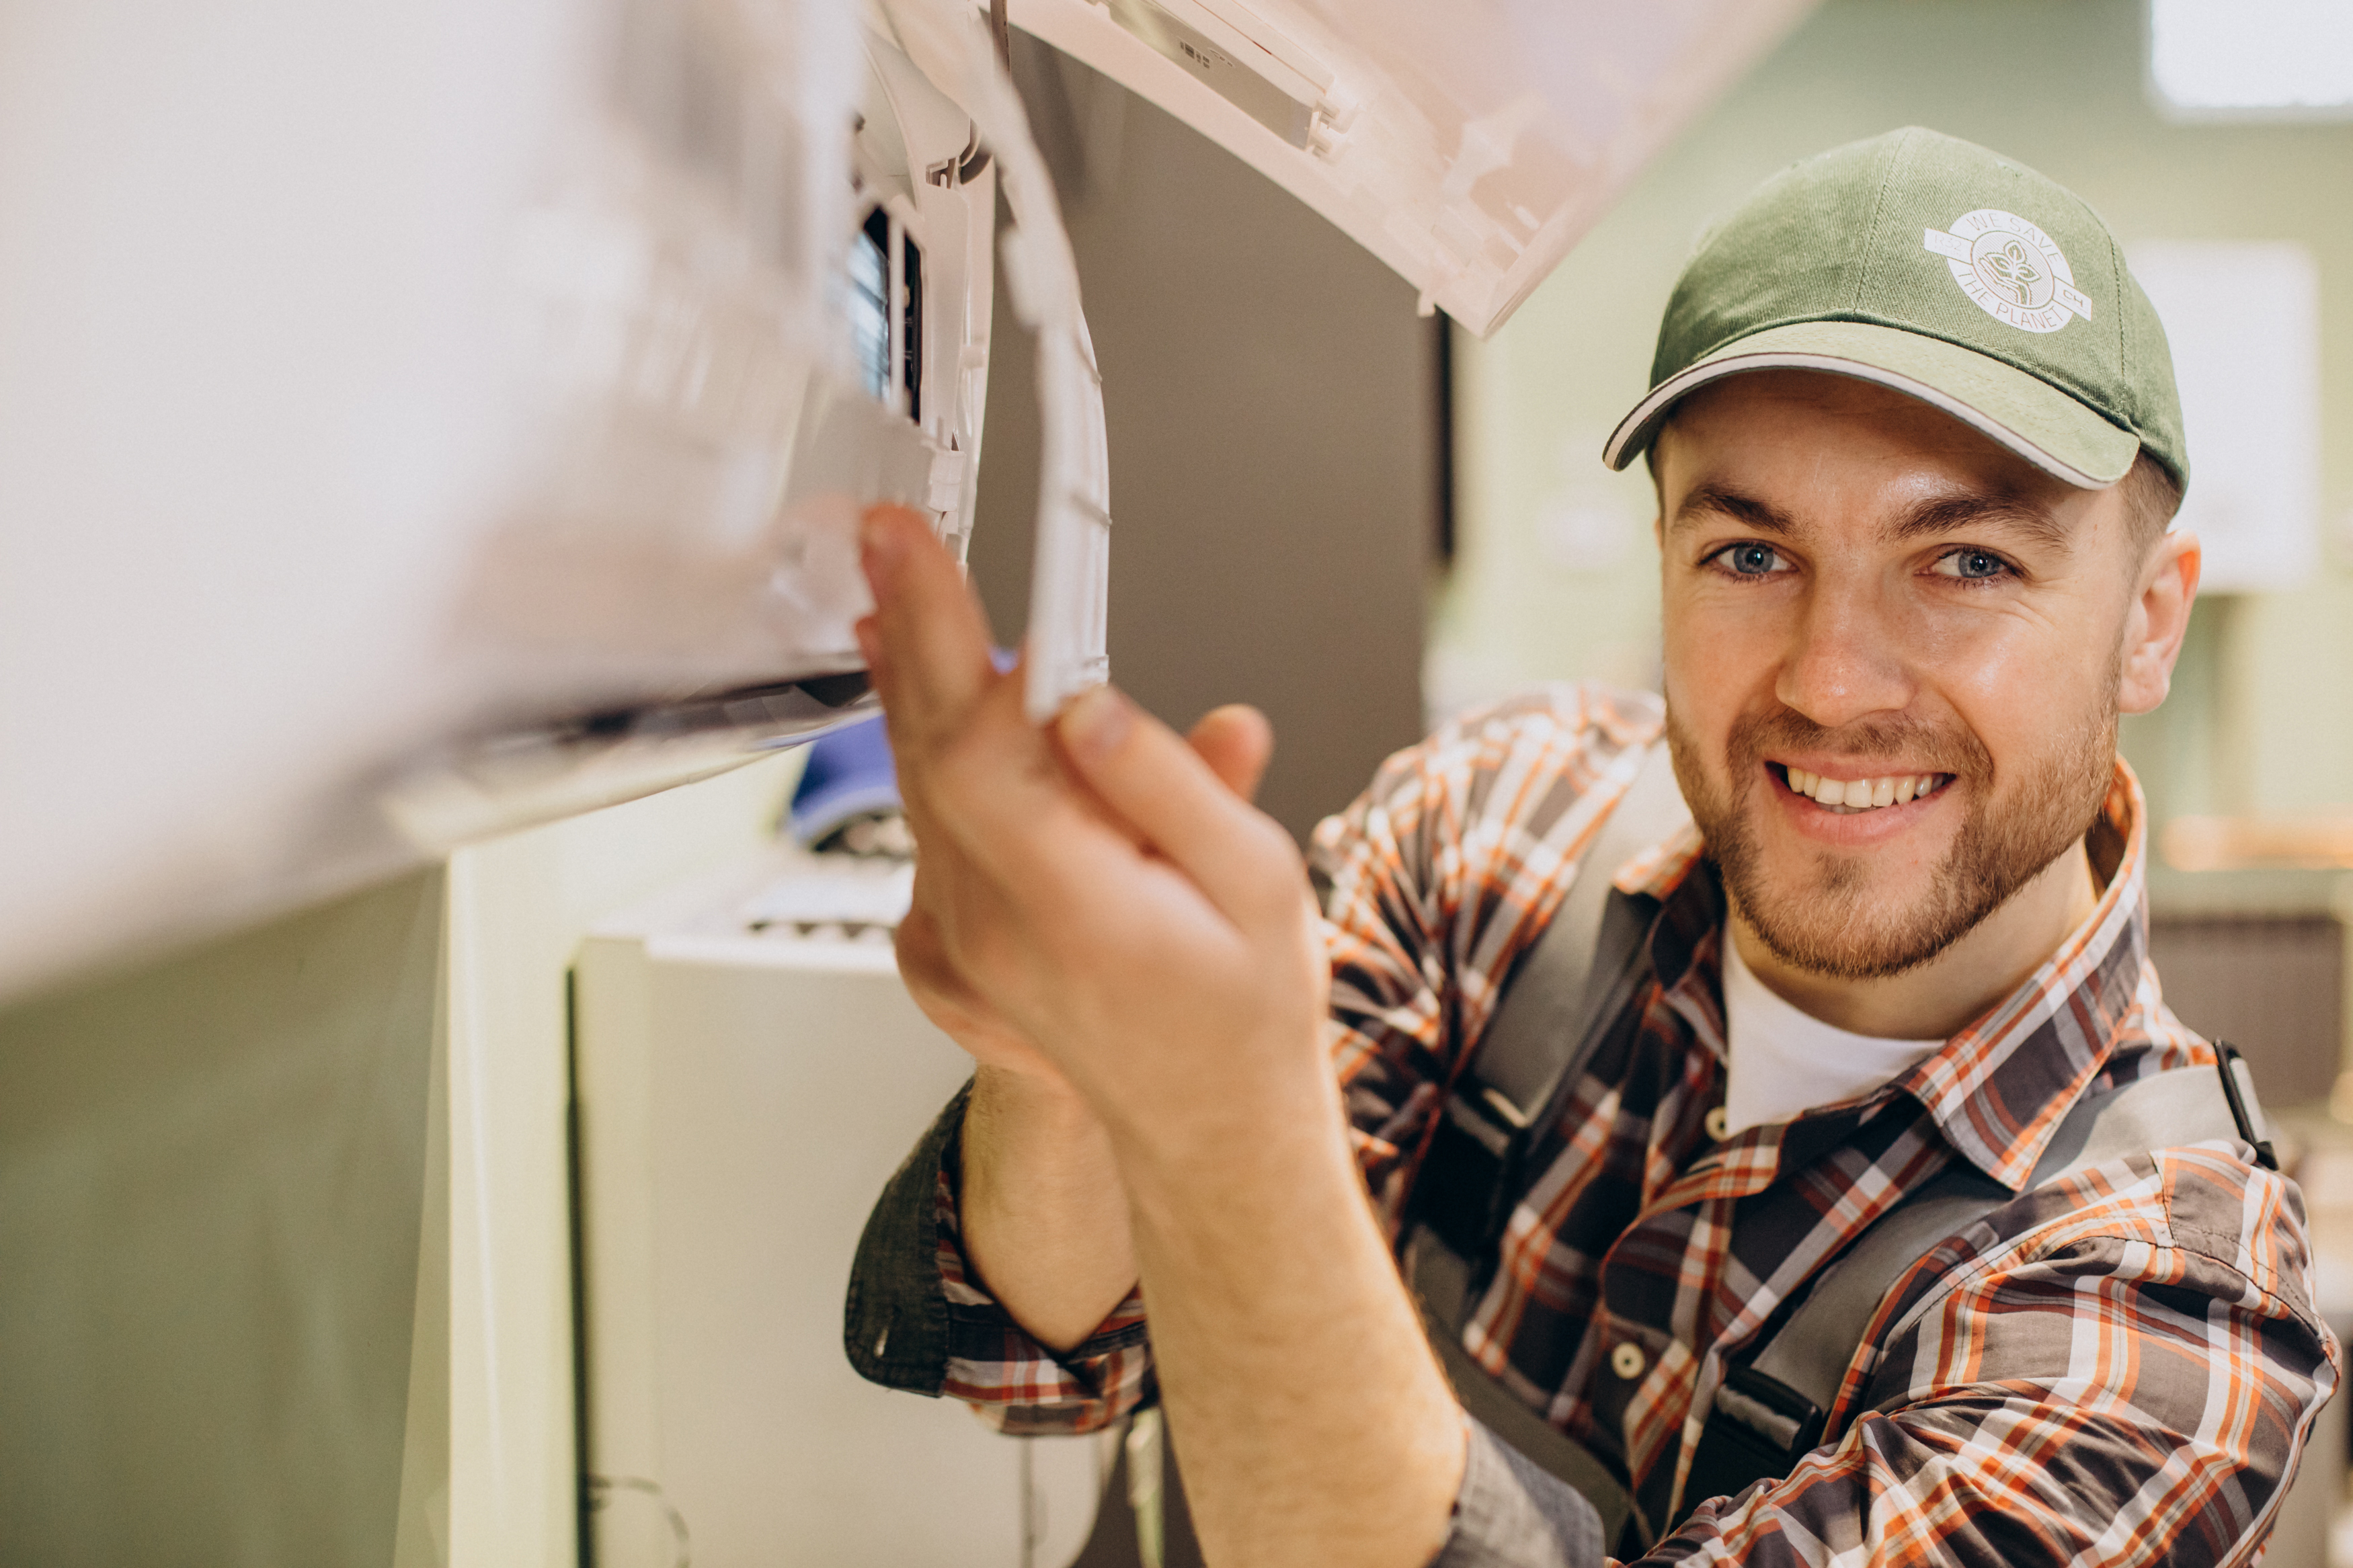 ¿Qué ofrece un servicio técnico?